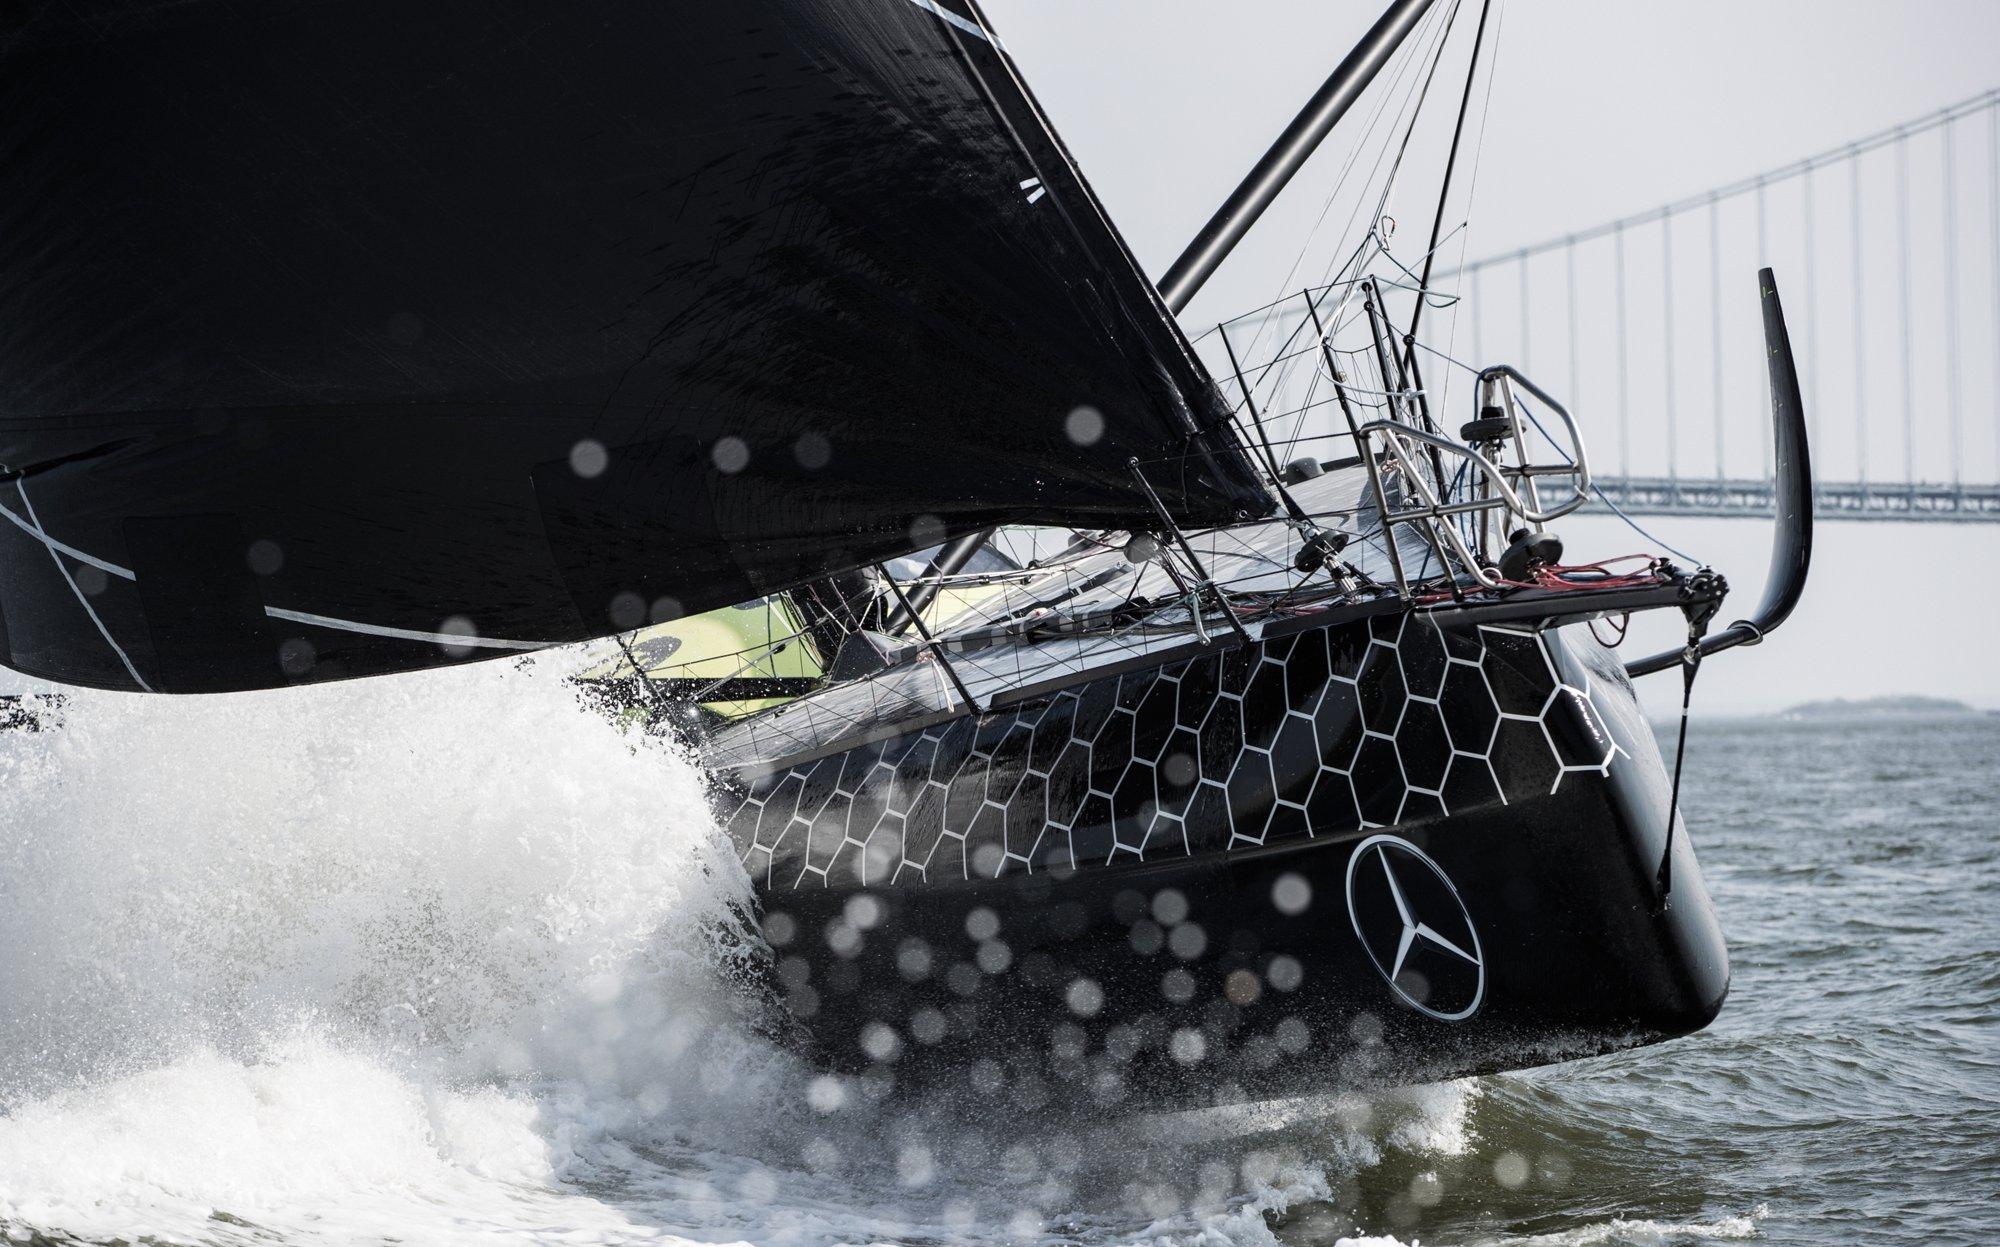 The HUGO BOSS yacht